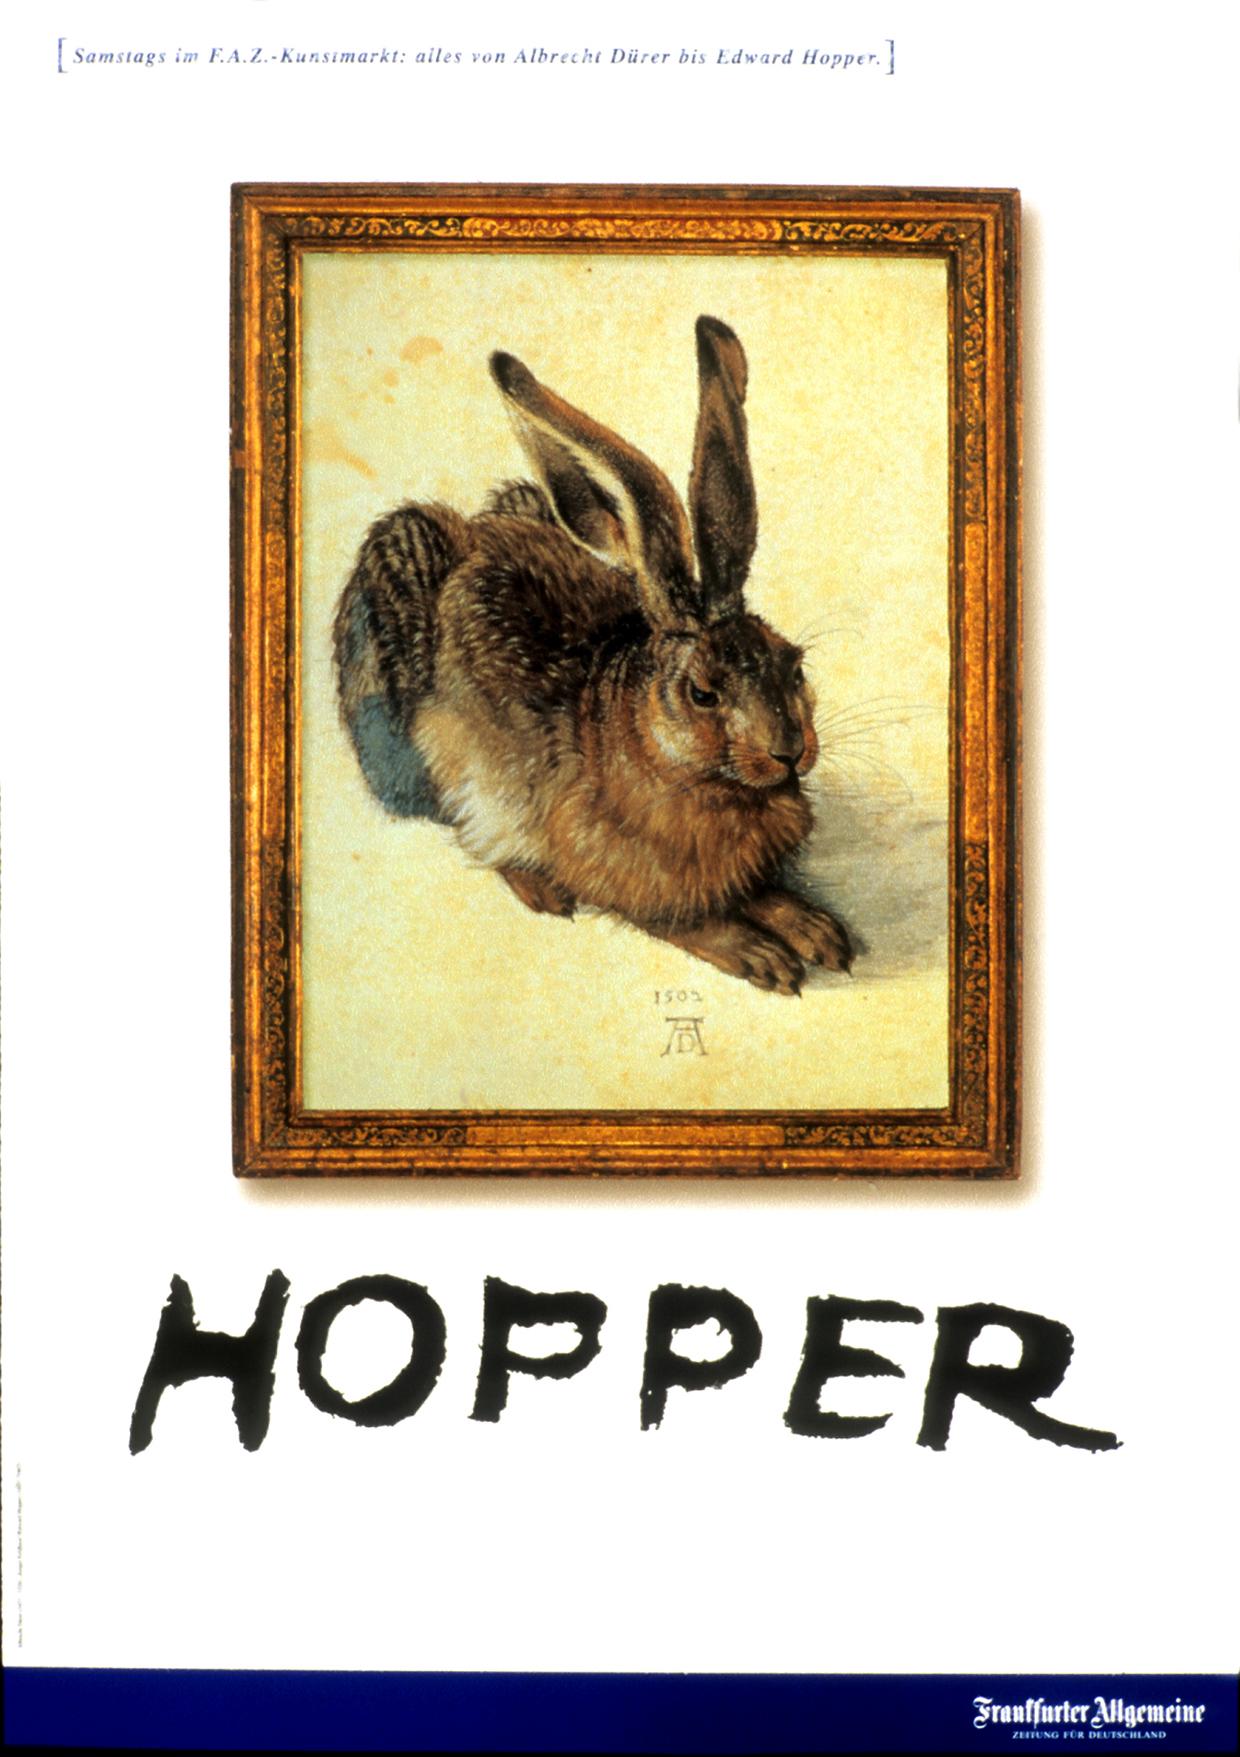 2 Edward Hopper Frankfurter Allgemeine Zeitung FAZ Scholz & Friends Edward Hopper Albrecht Dürer